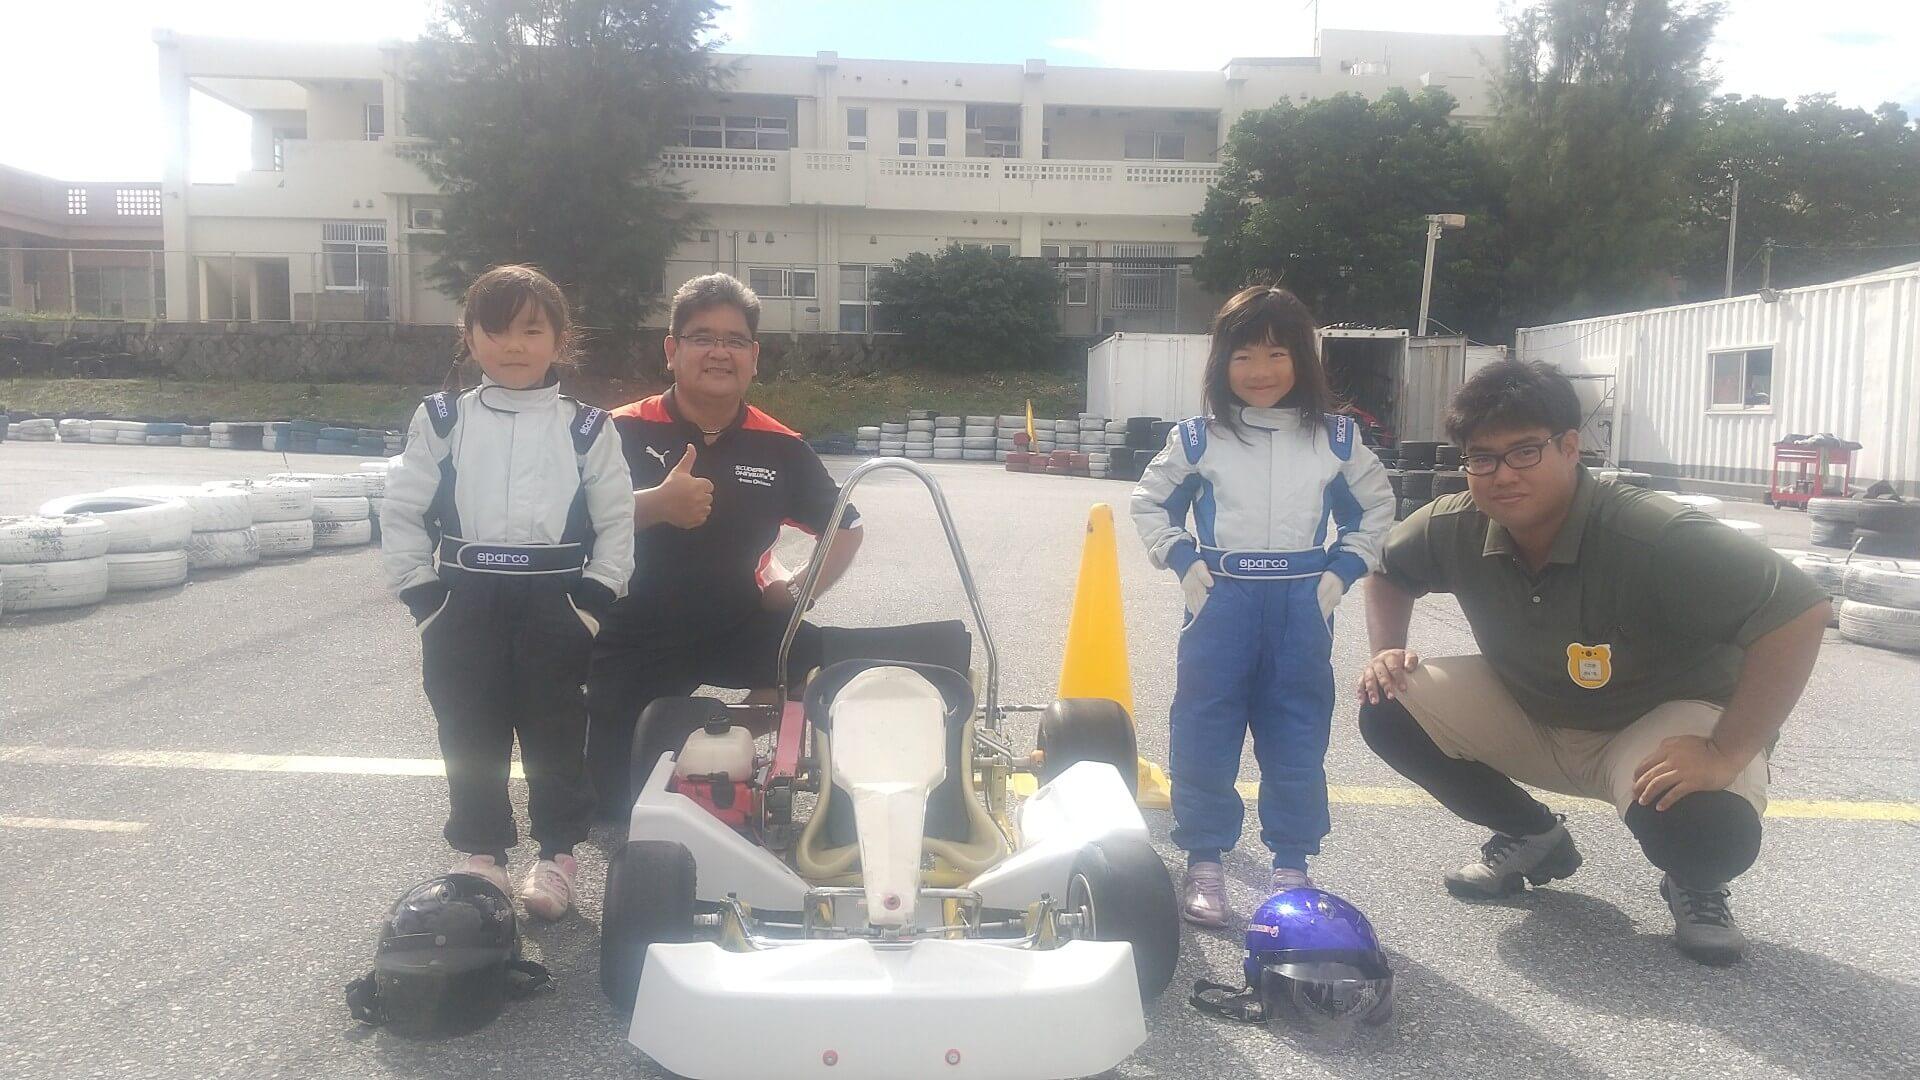 レーシングスーツを身にまとった子どもたち